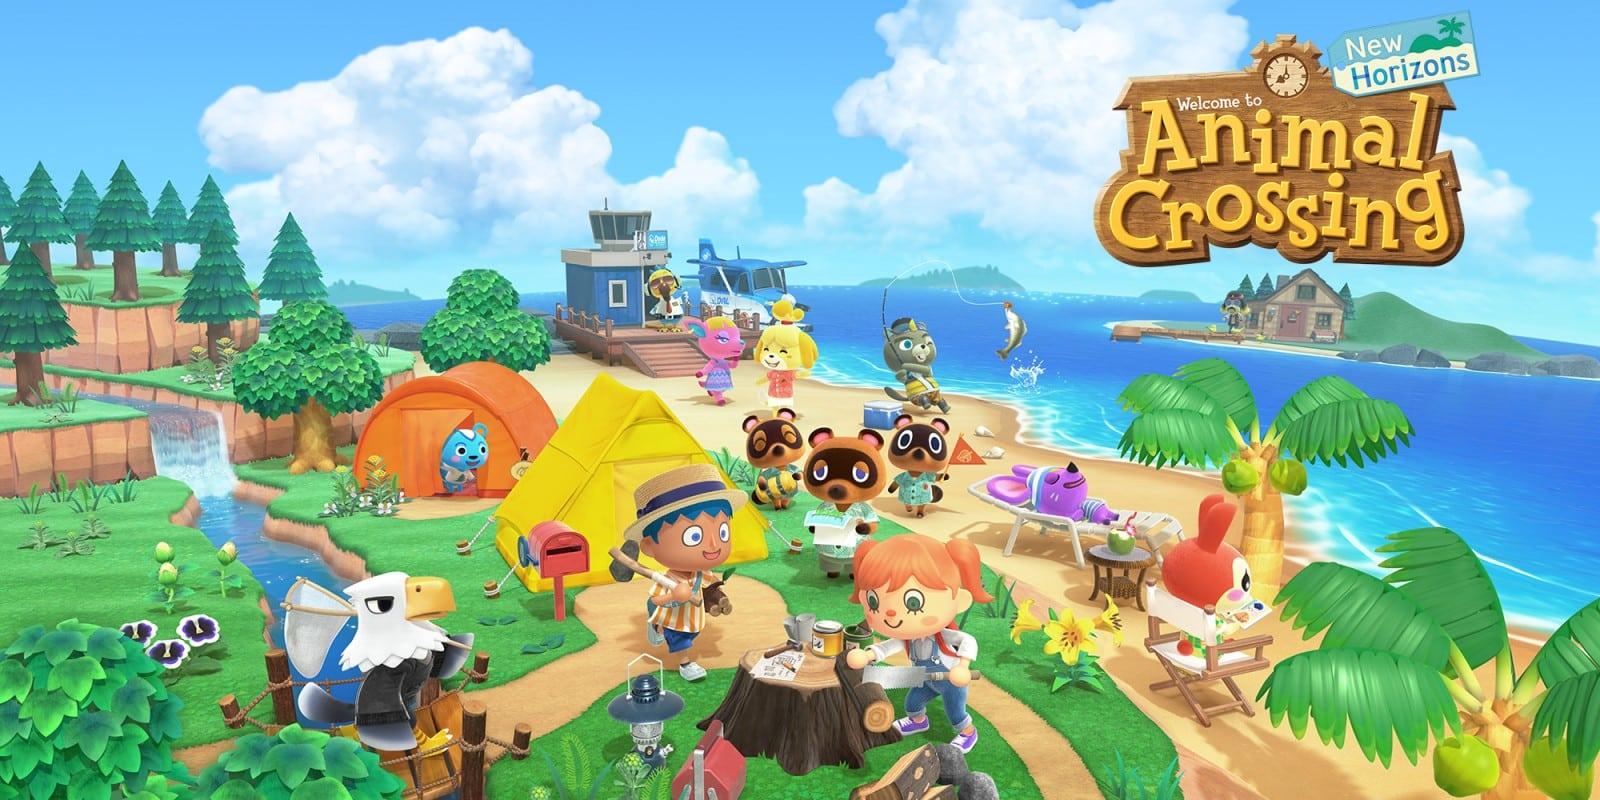 Animal Crossing : des joueurs recréent des scènes de films cultes - CinéSéries